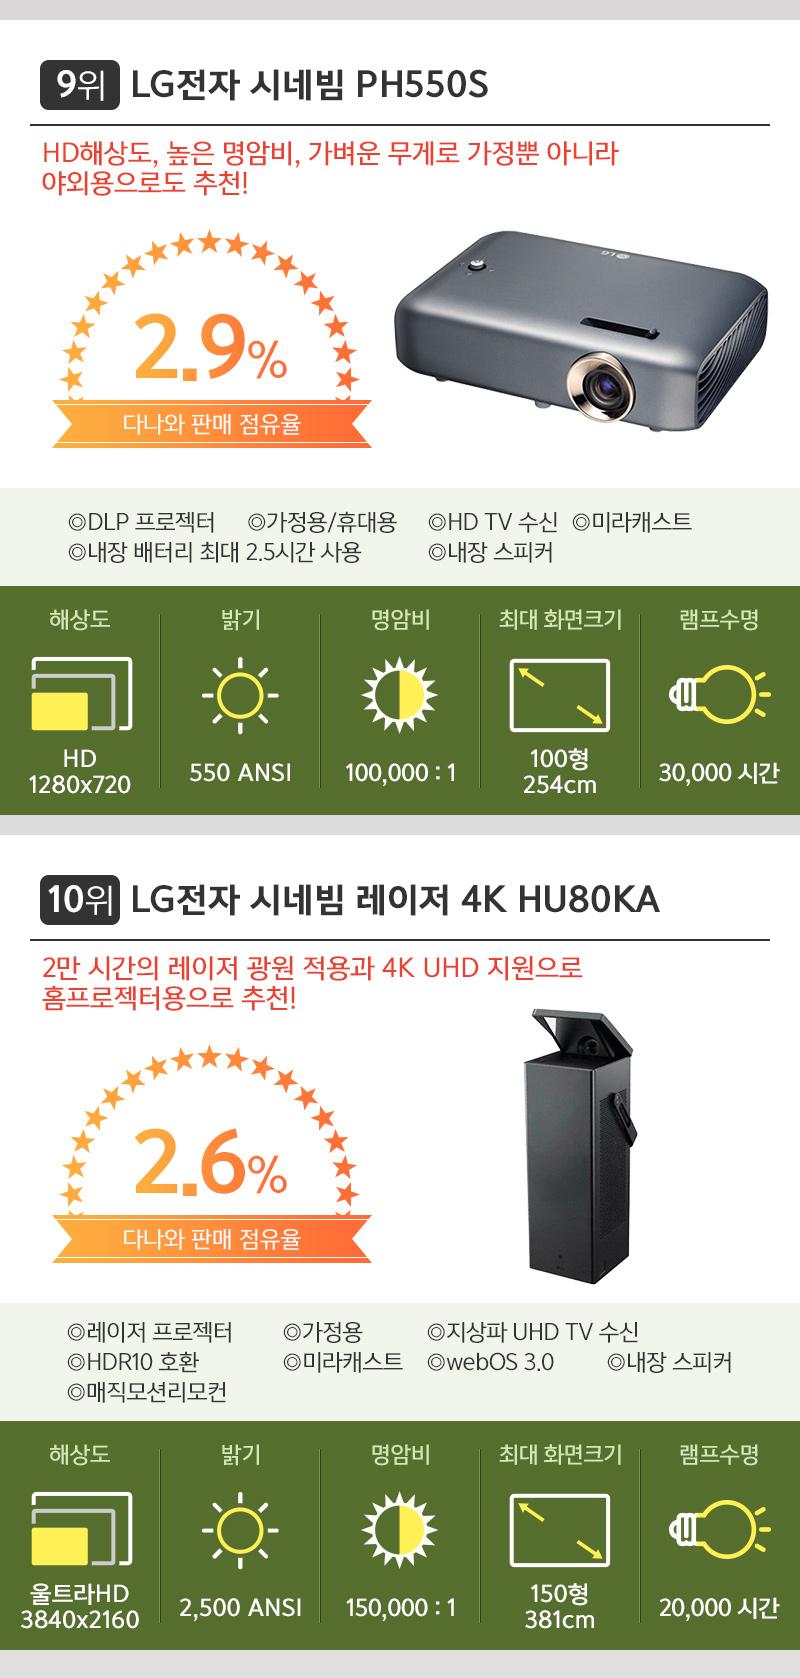 9위 LG전자 시네빔 PH550S. 10위 LG전자 시네빔 레이저 4K HU80KA